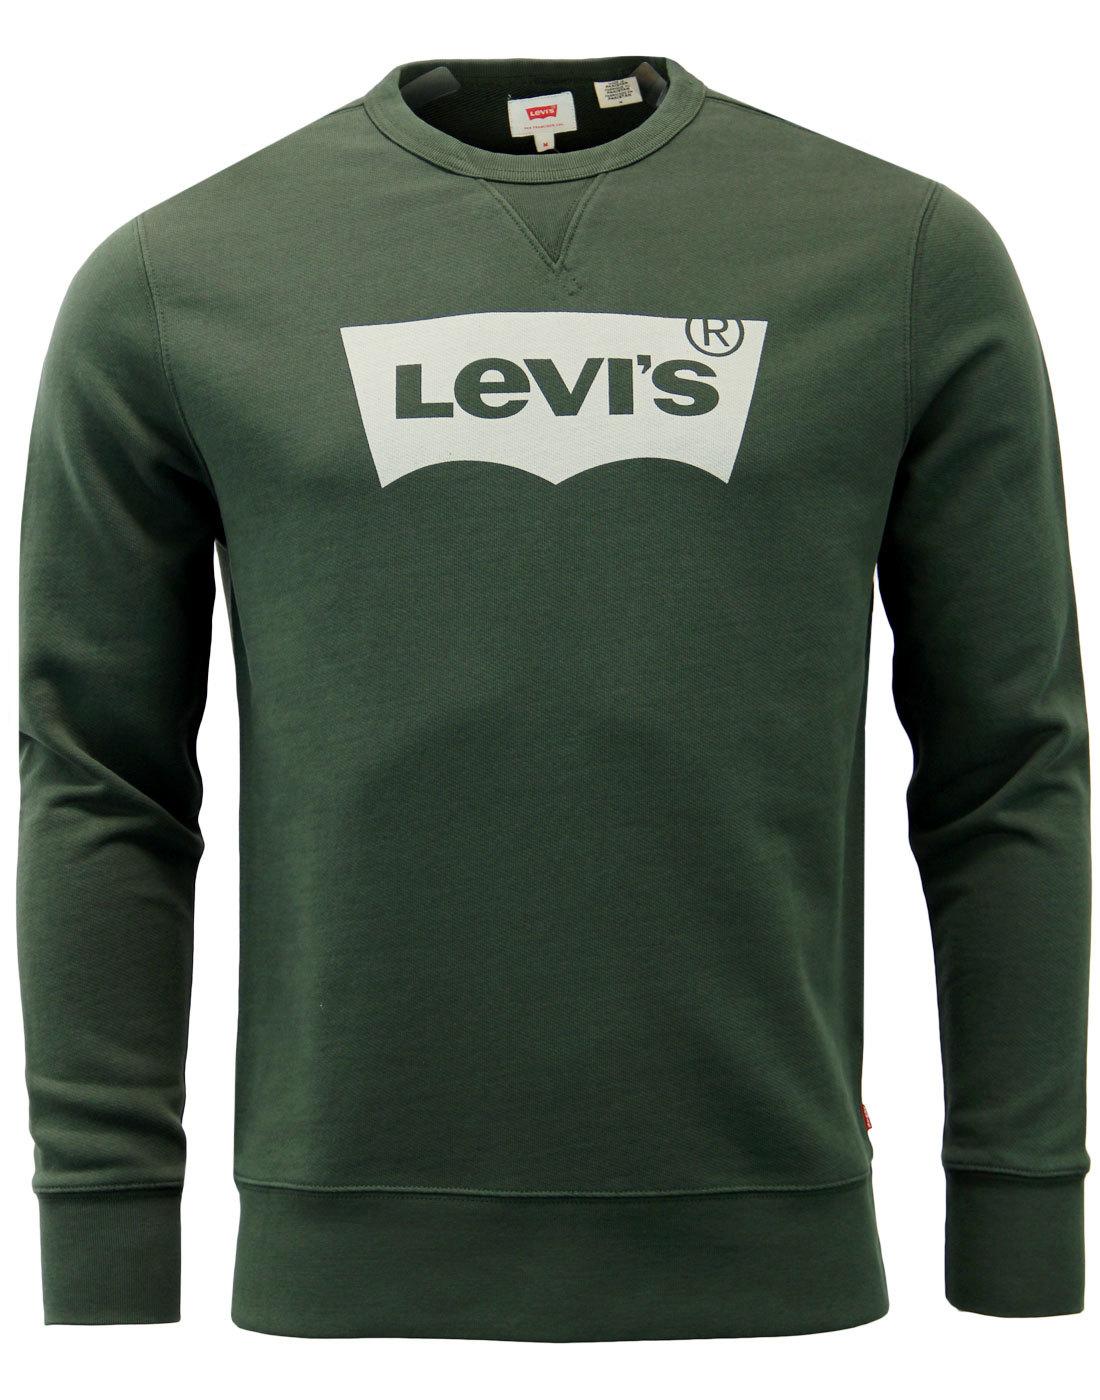 LEVI'S® Retro 1970s Graphic Crew Fleece Sweatshirt